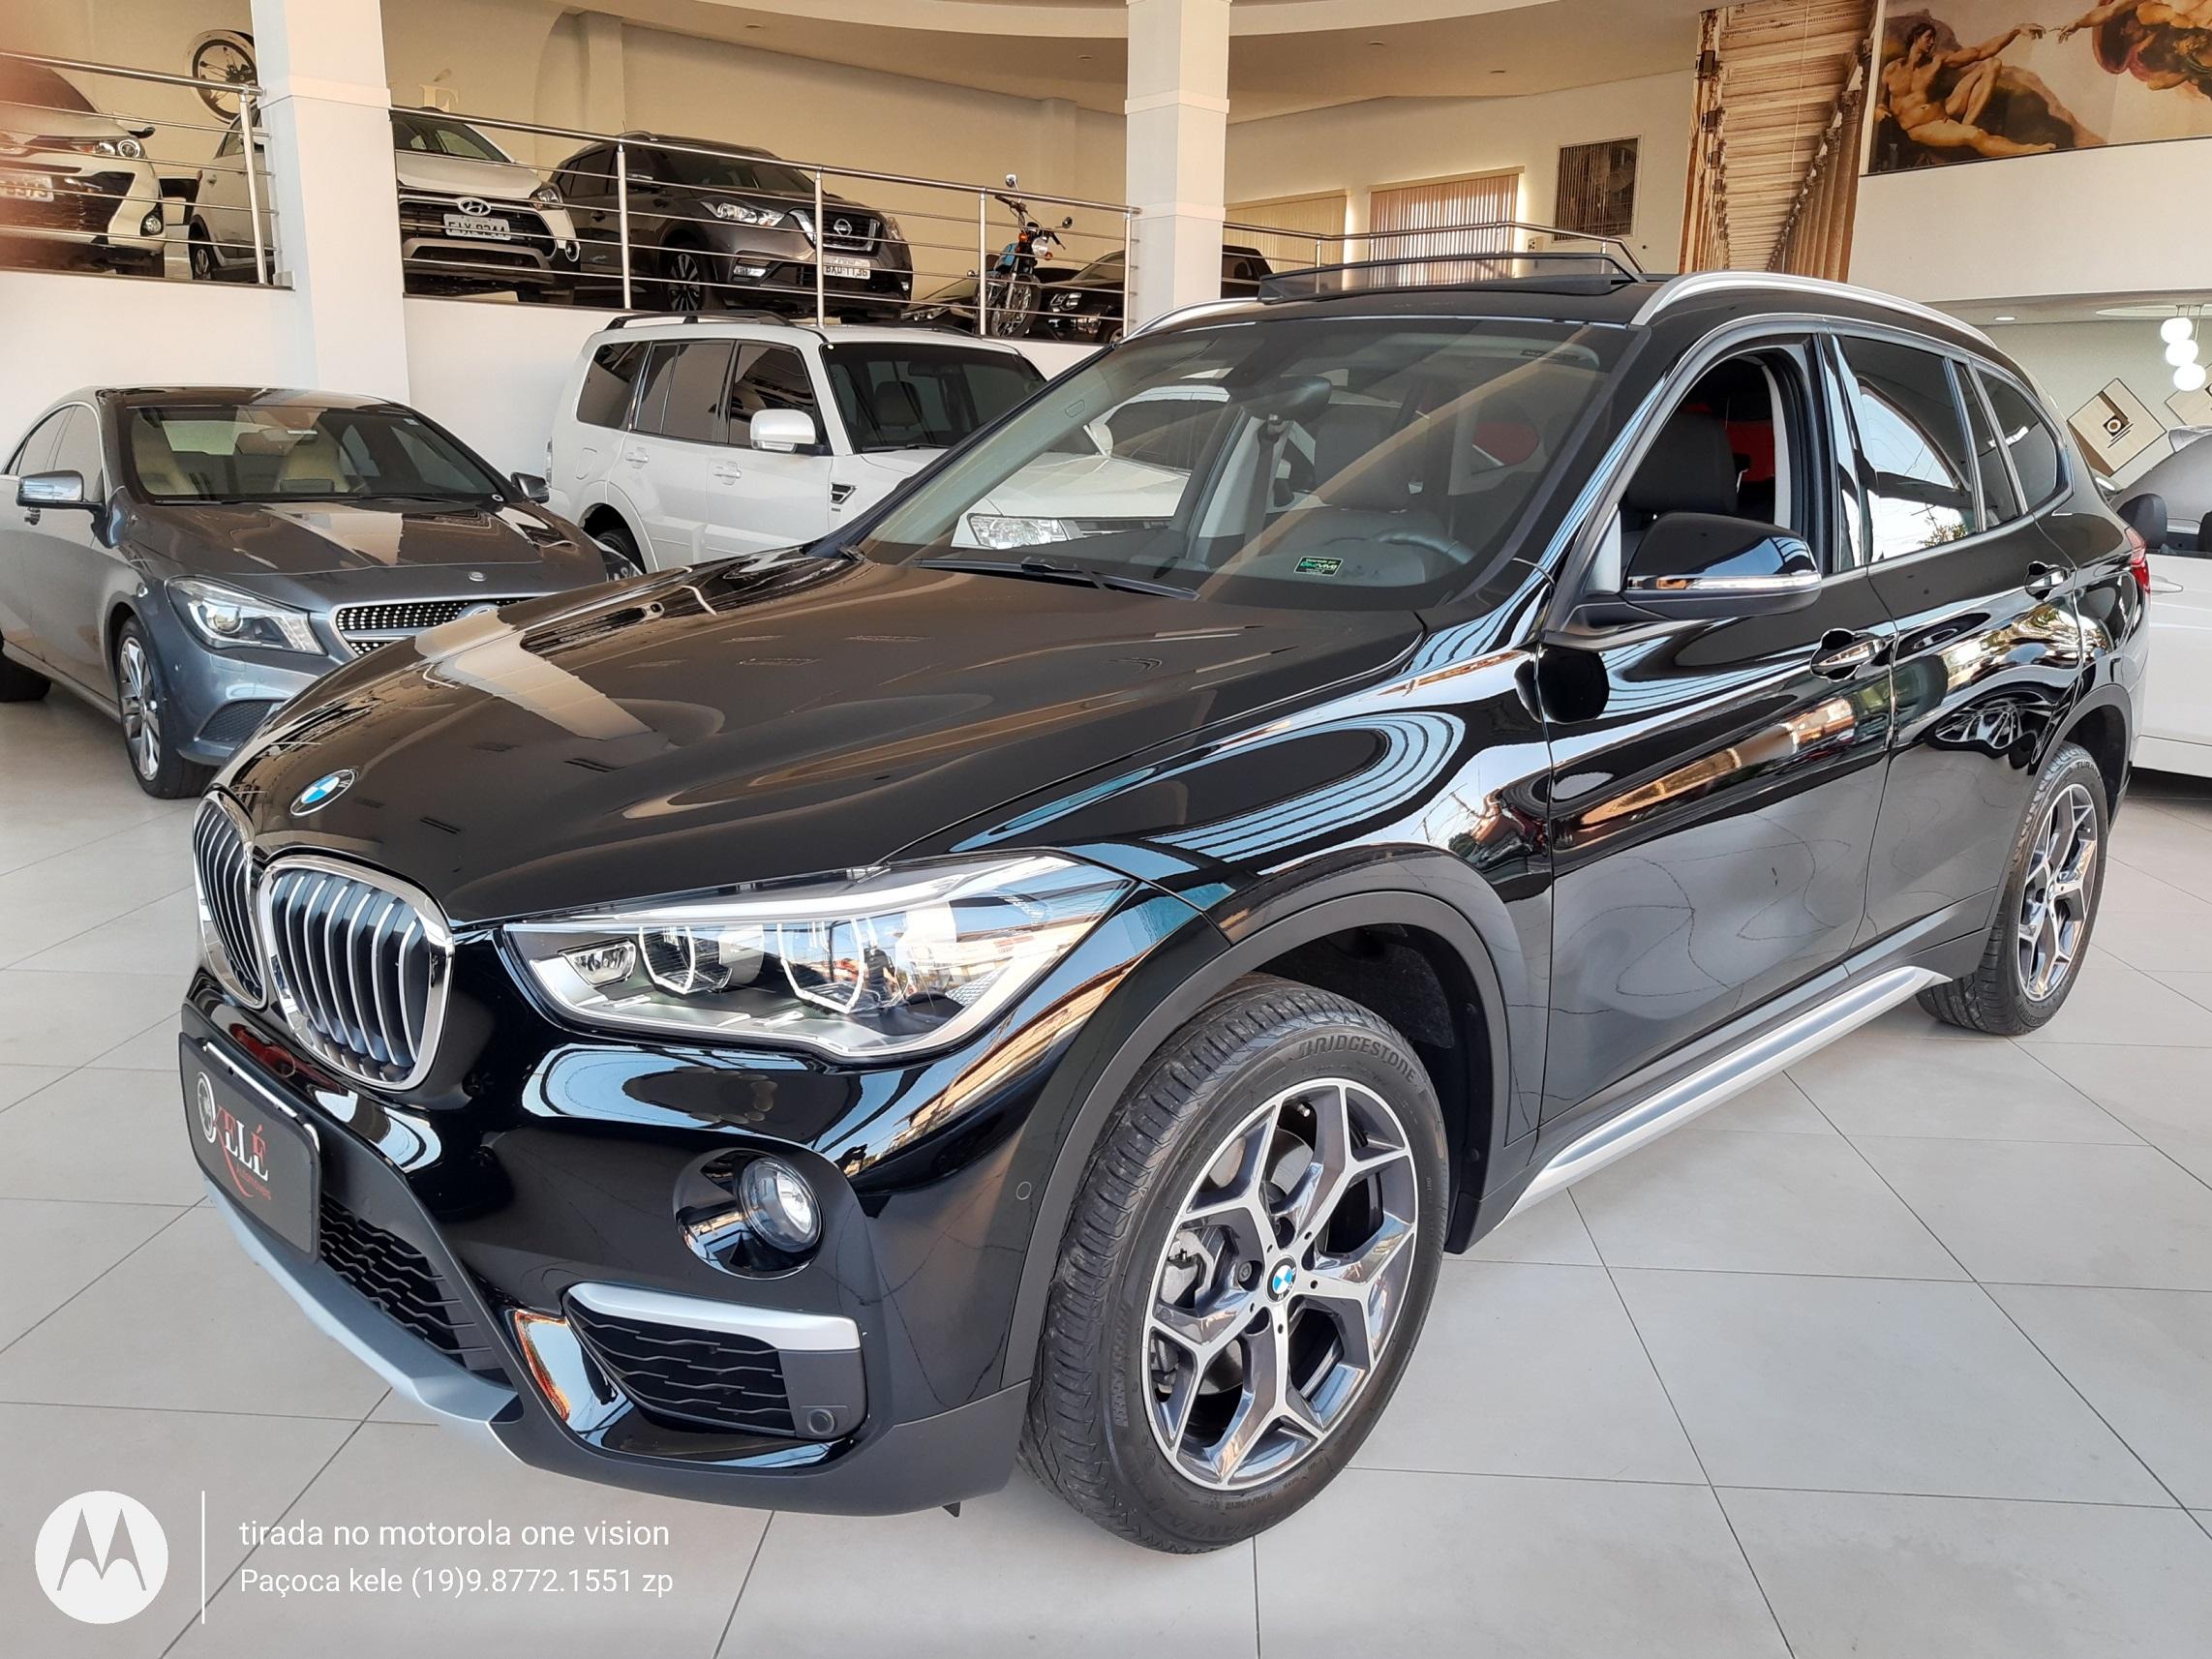 BMW X1 SDRIVE X-LINE 20I 2.0 TURBO